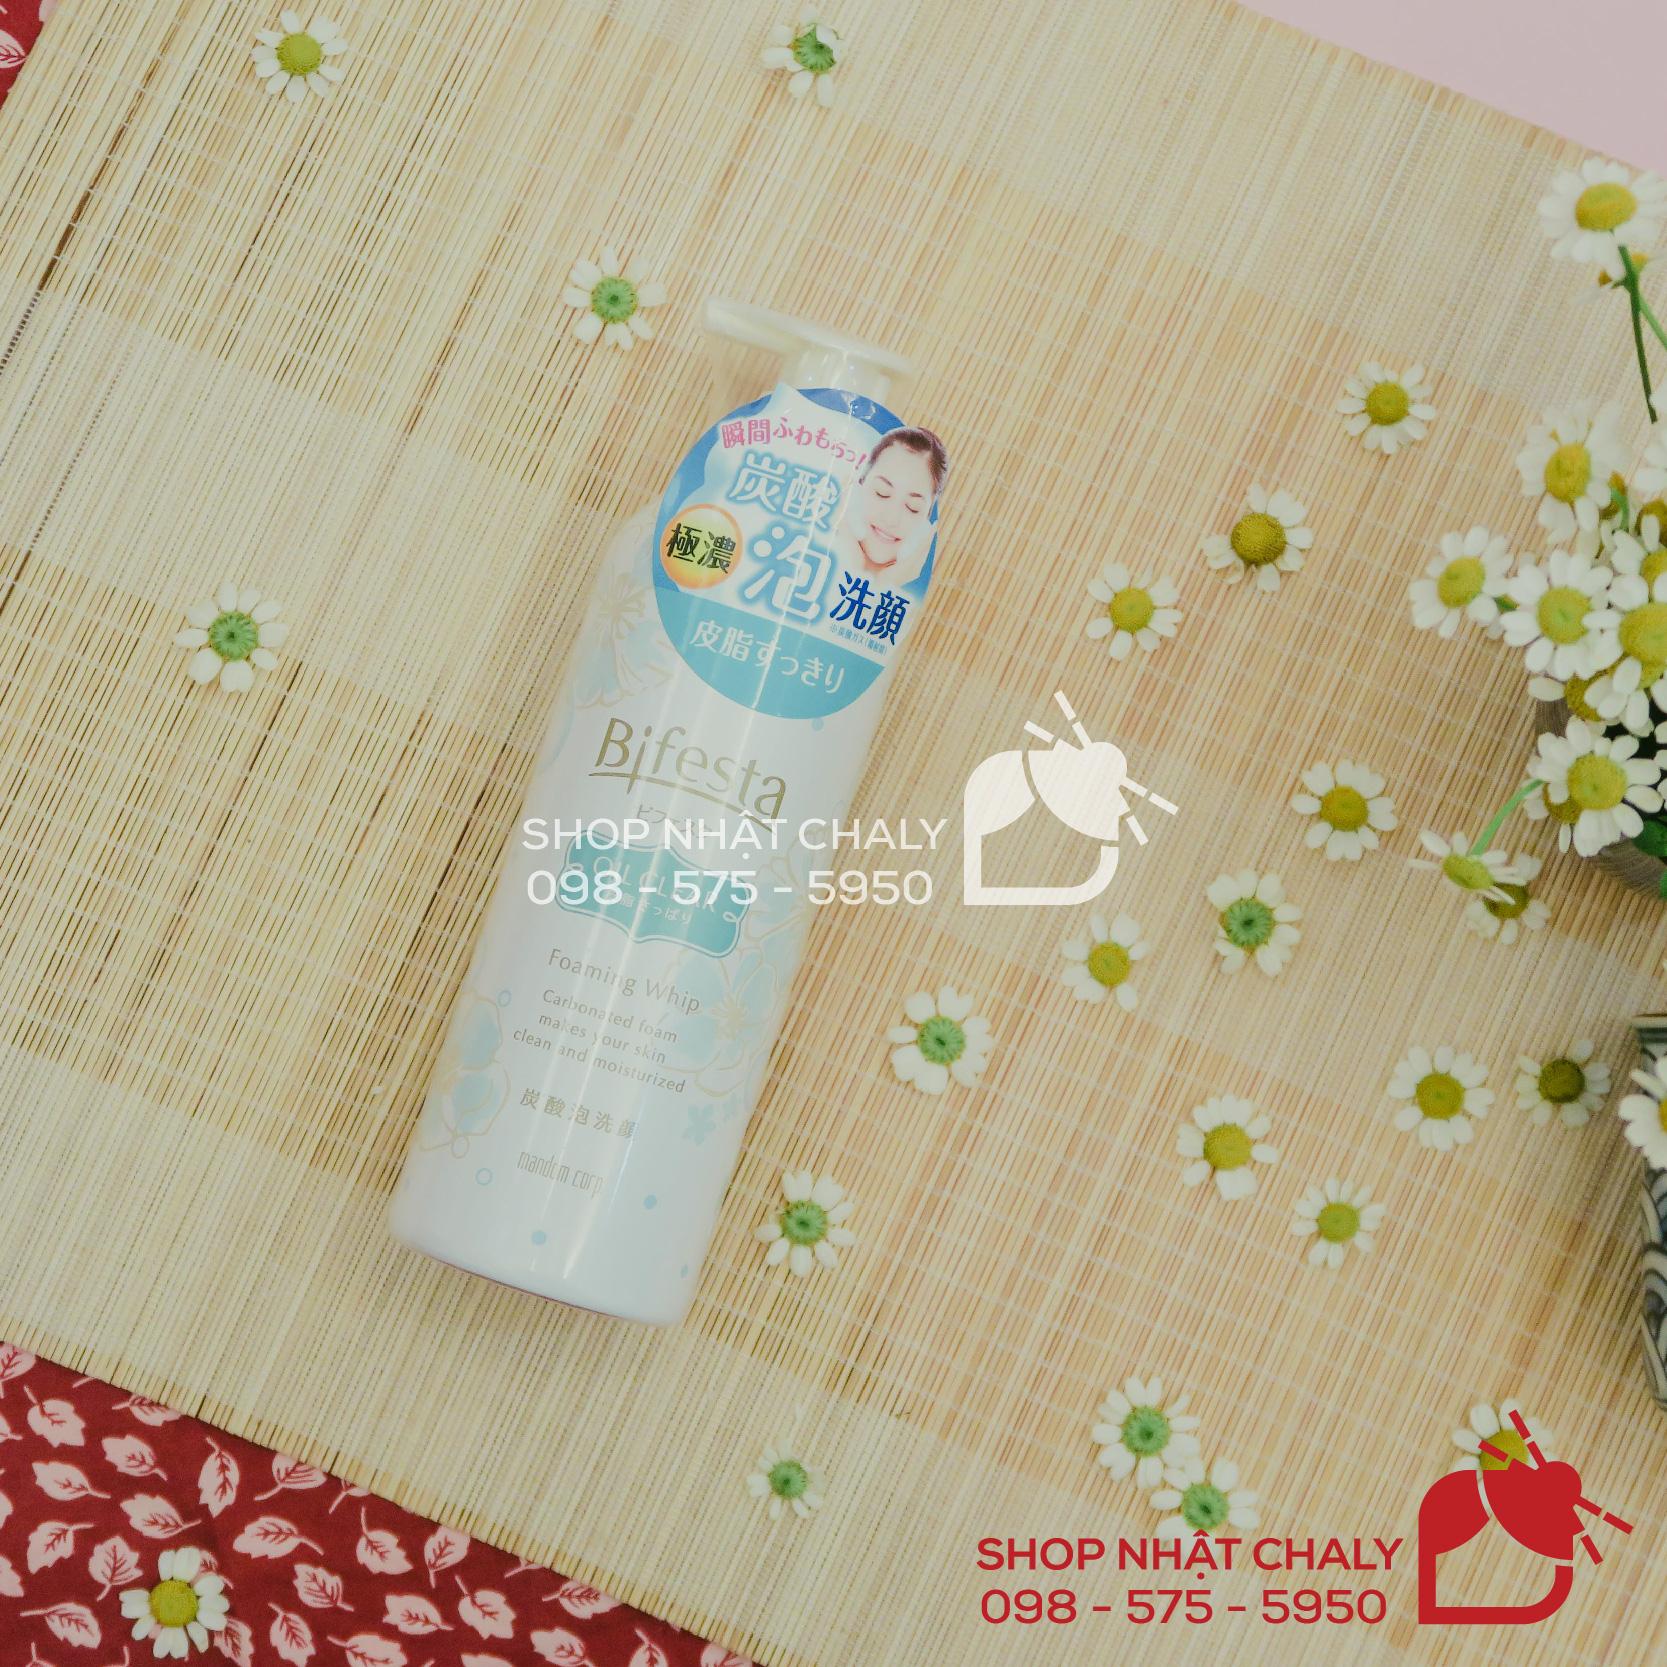 Sữa rửa mặt Bifesta có tốt không là câu không cần phải hỏi đối với một loại srm lot top 5 sữa rửa mặt tốt nhất của Nhật thế này